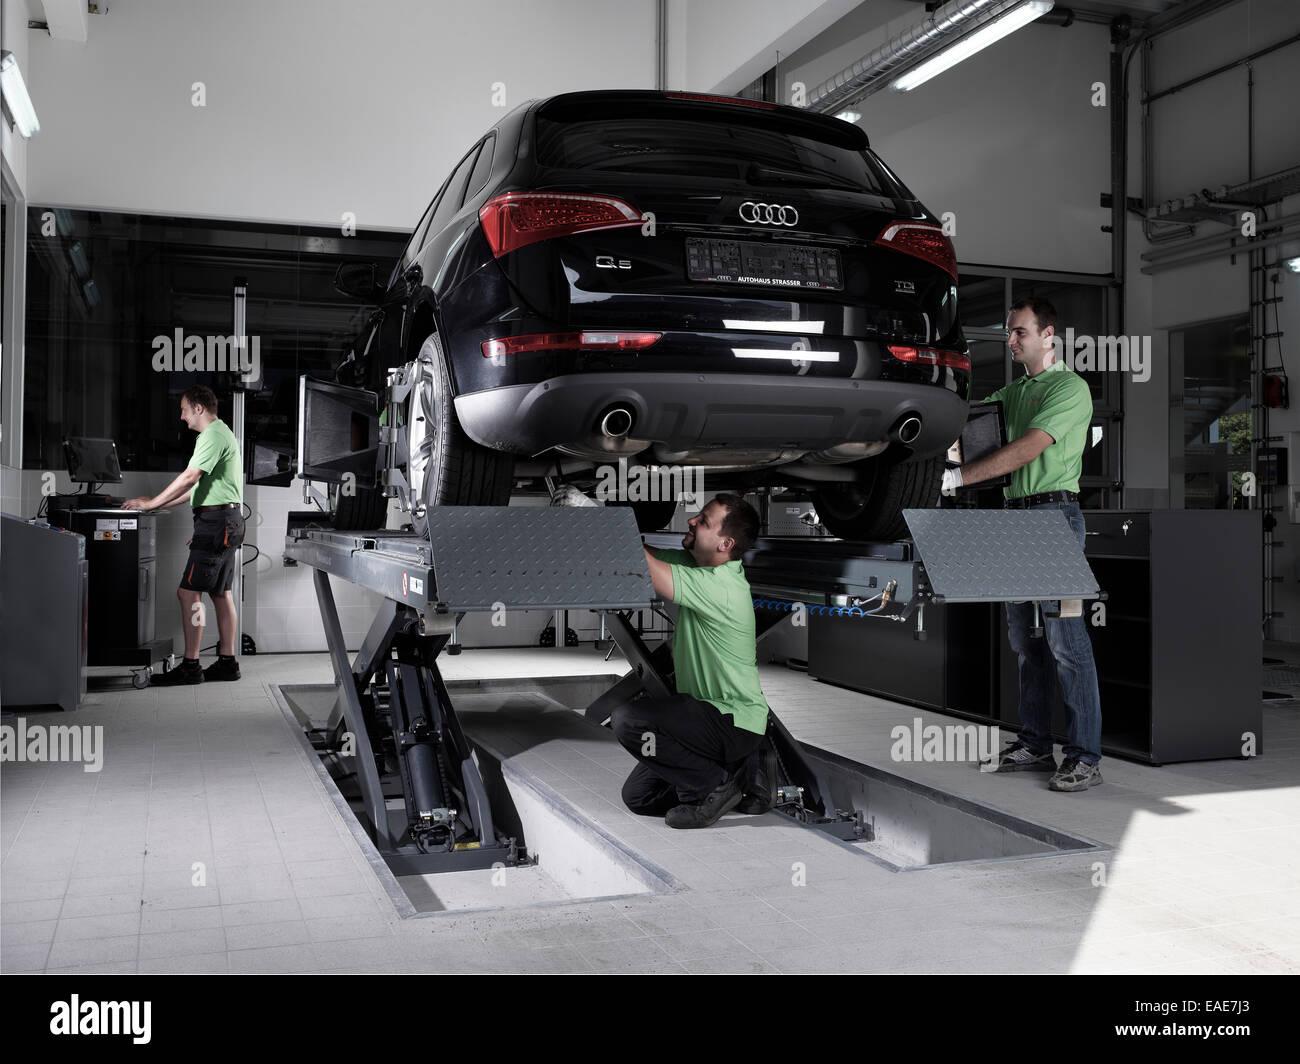 L'assemblage de panneaux pour suivre les travailleurs des alignements de roue VW, Strasser, atelier de réparations Photo Stock